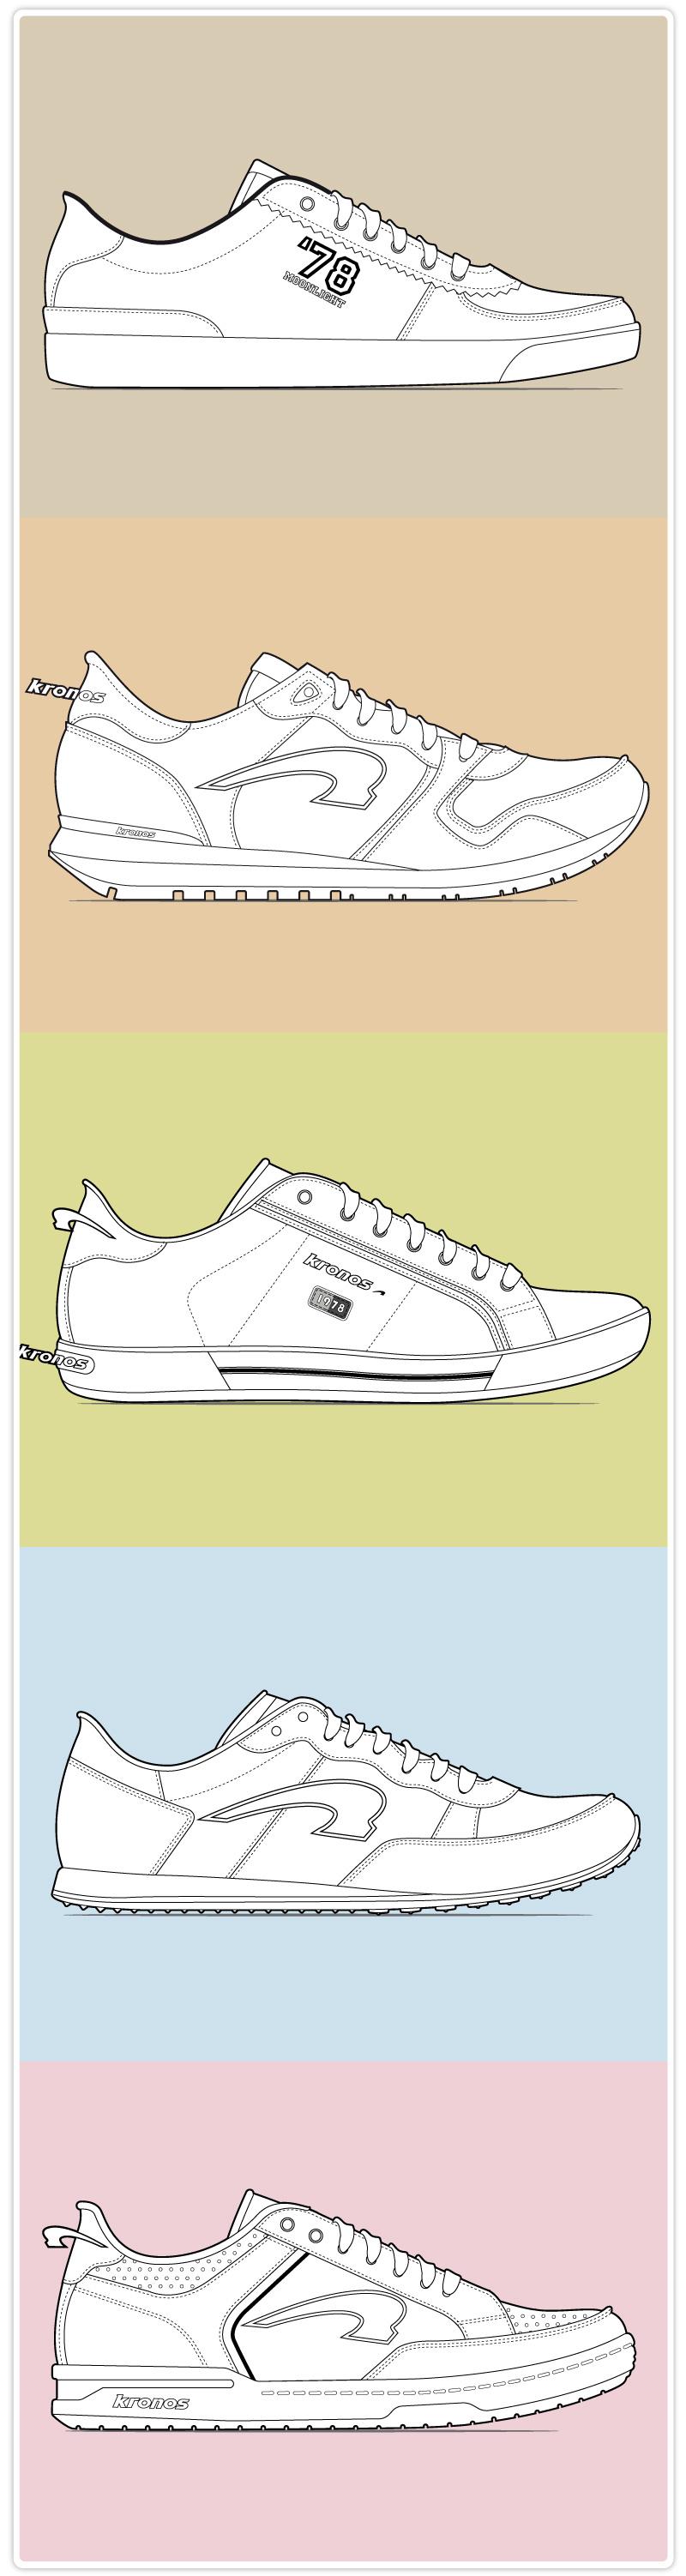 Kronos calzature